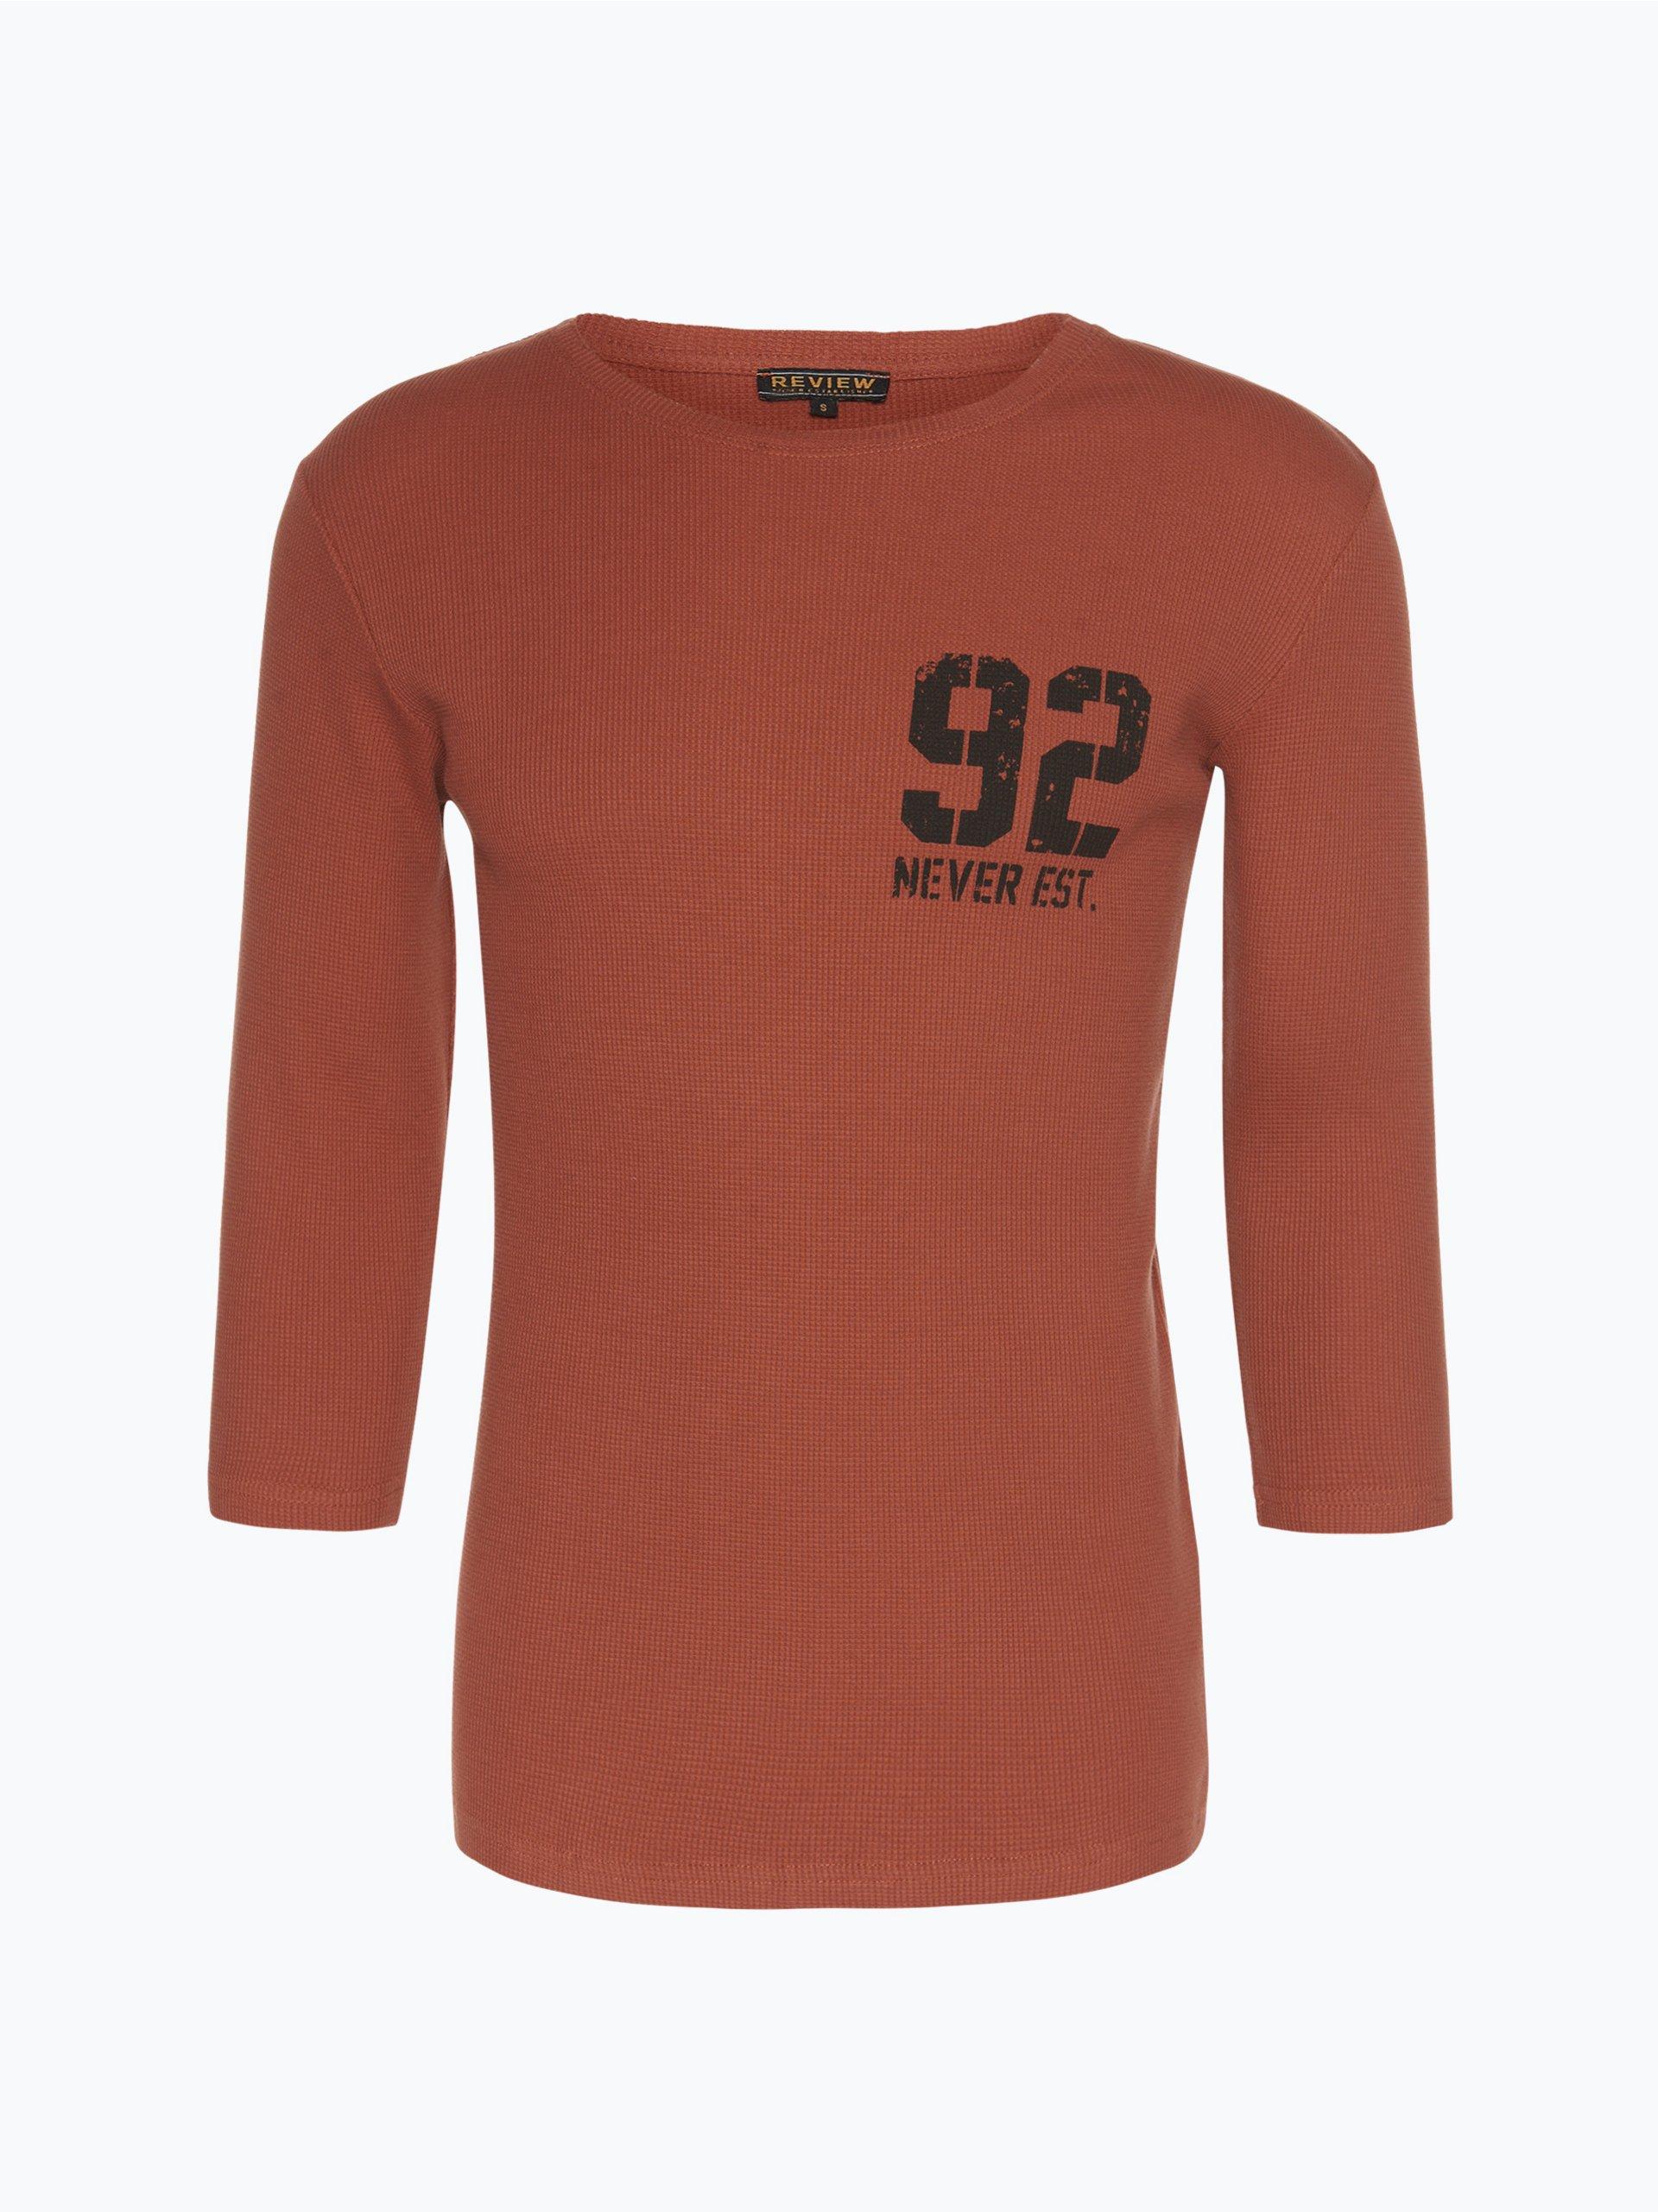 review herren shirt rot gemustert online kaufen vangraaf com. Black Bedroom Furniture Sets. Home Design Ideas